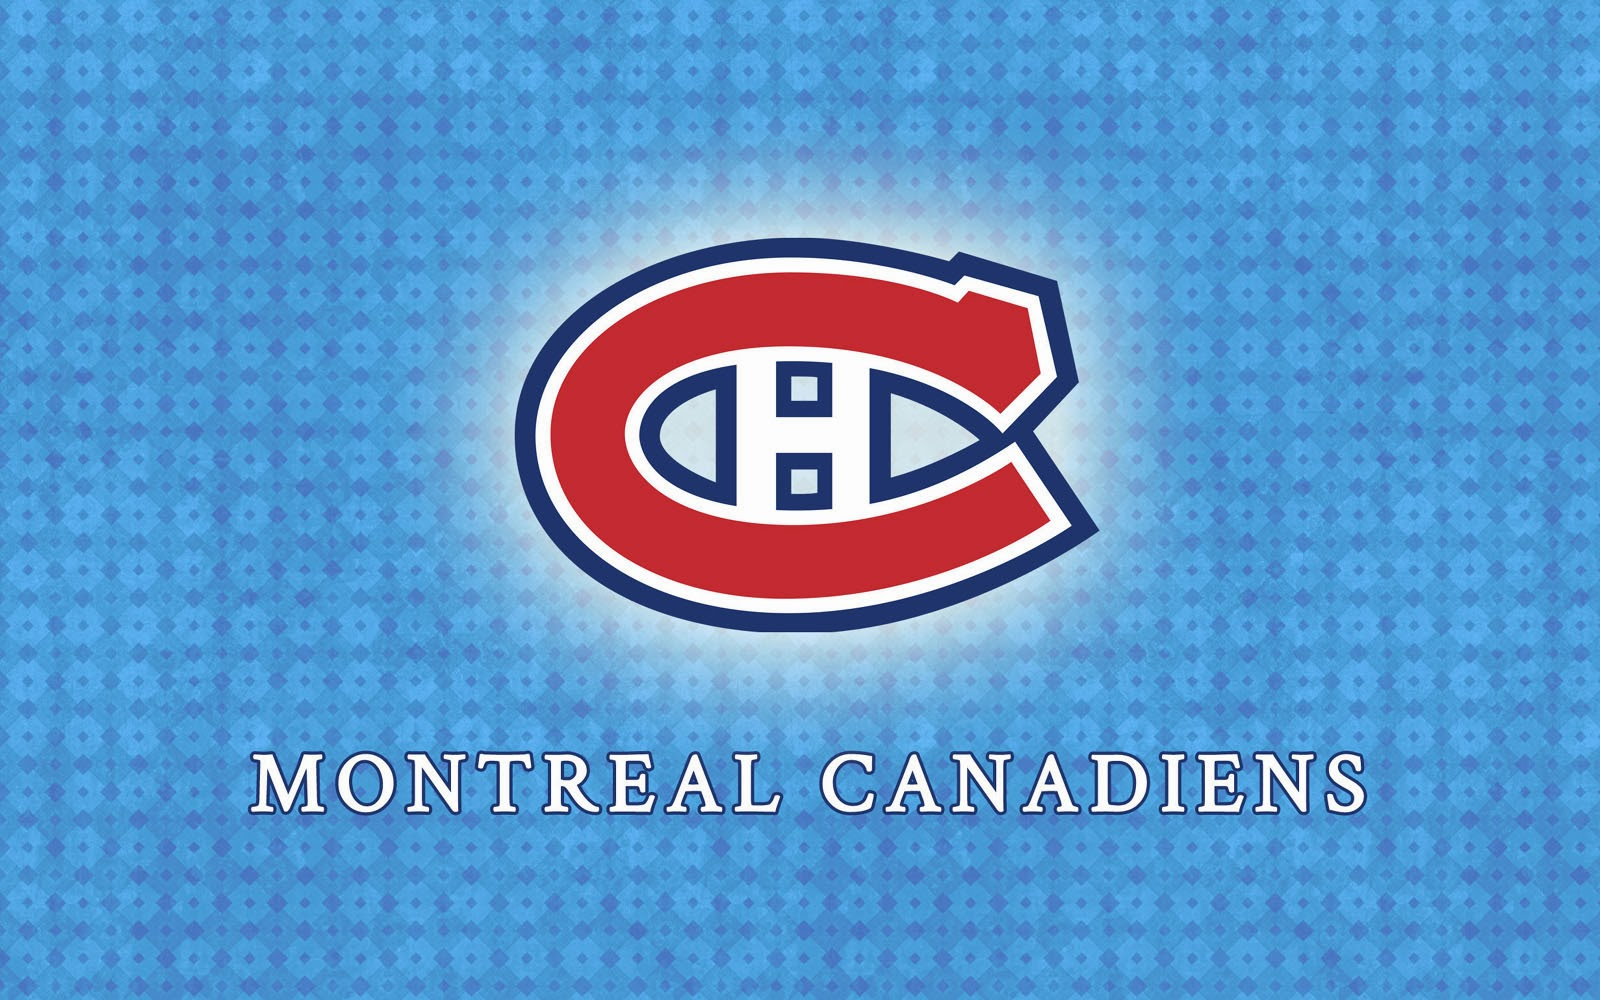 Montreal Canadiens Wallpapers Desktop 1600x1000